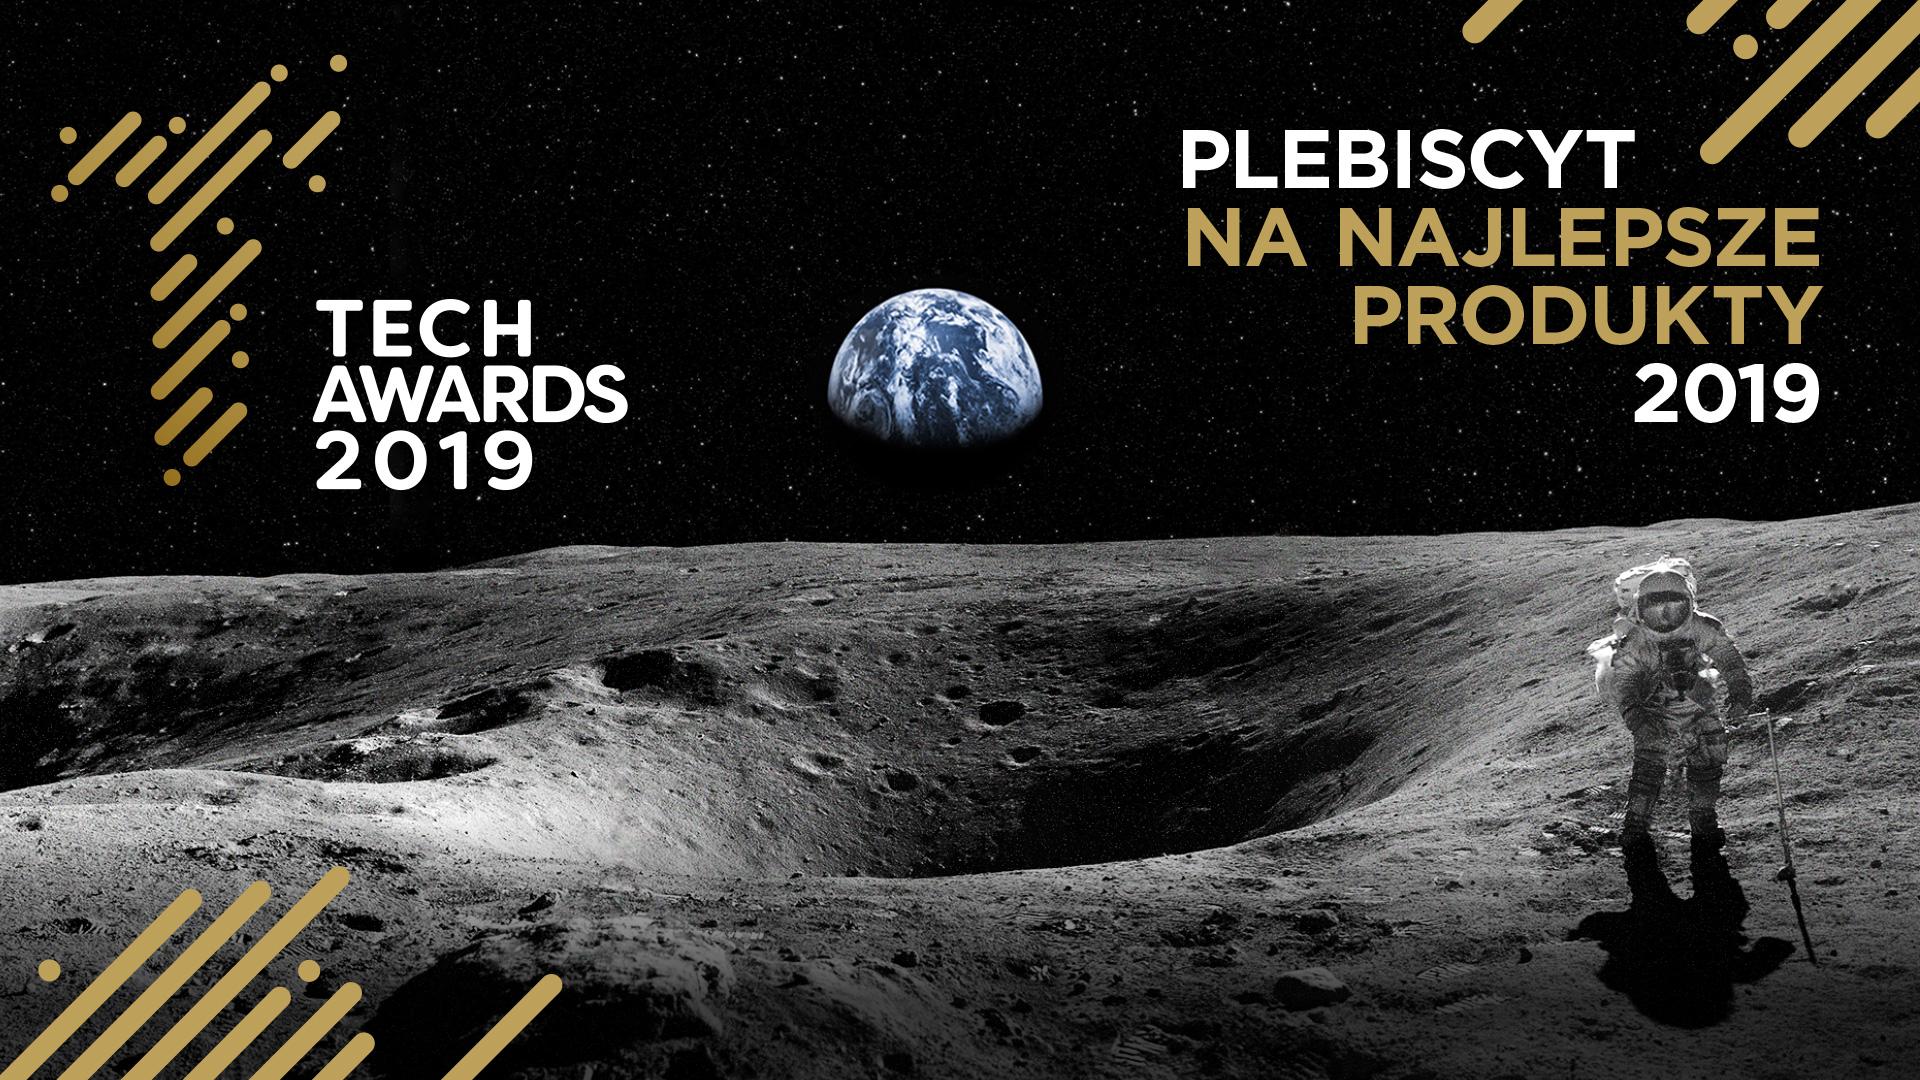 Tech Awards 2019 - PC osagai onenak aukeratzen ditugu